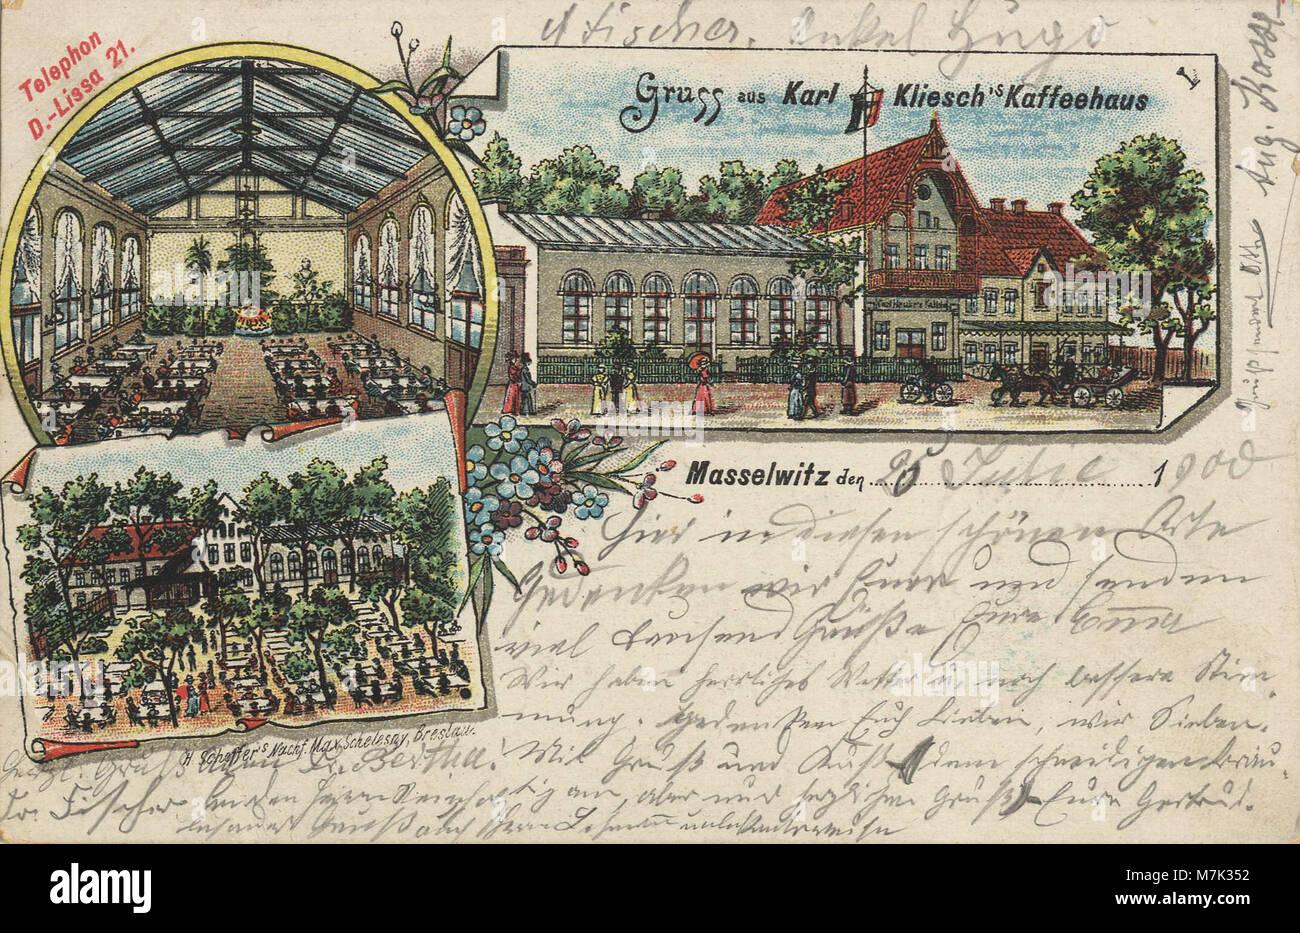 Masselwitz, Pommern - Karl Klieschs Caféhaus (Zeno Ansichtskarten) Stock Photo